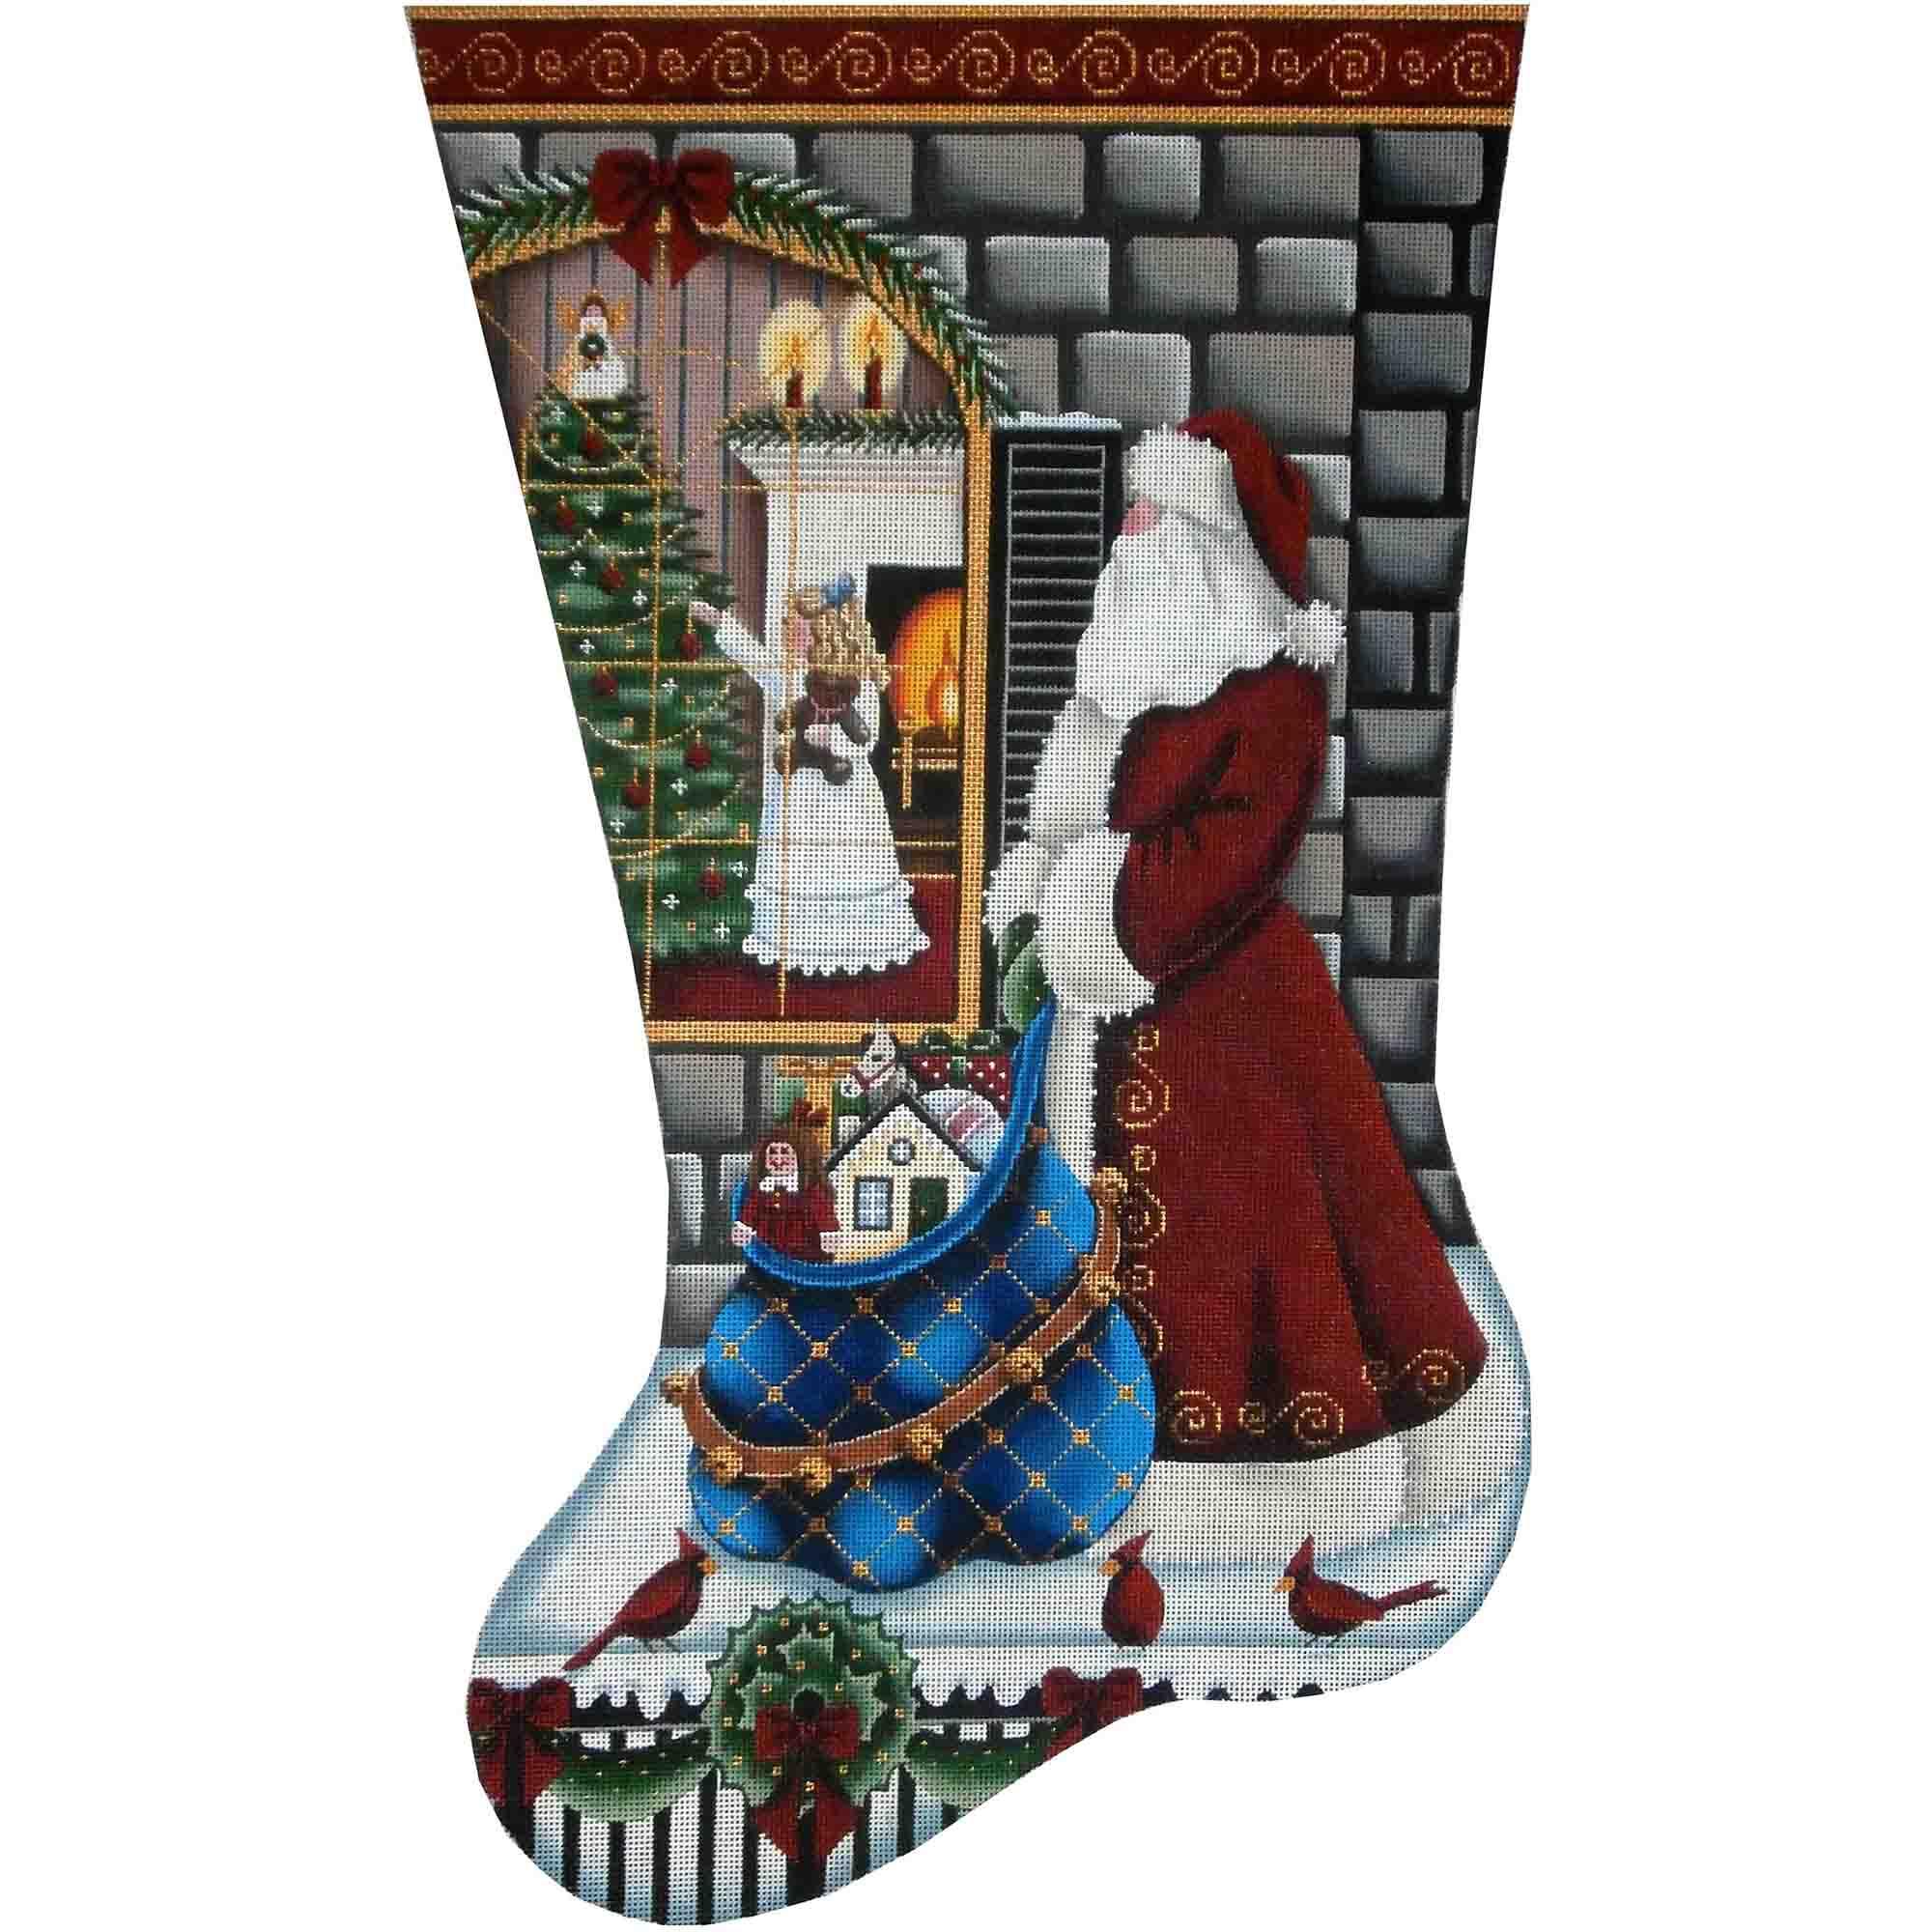 1376a Christmas Eve Magic,G